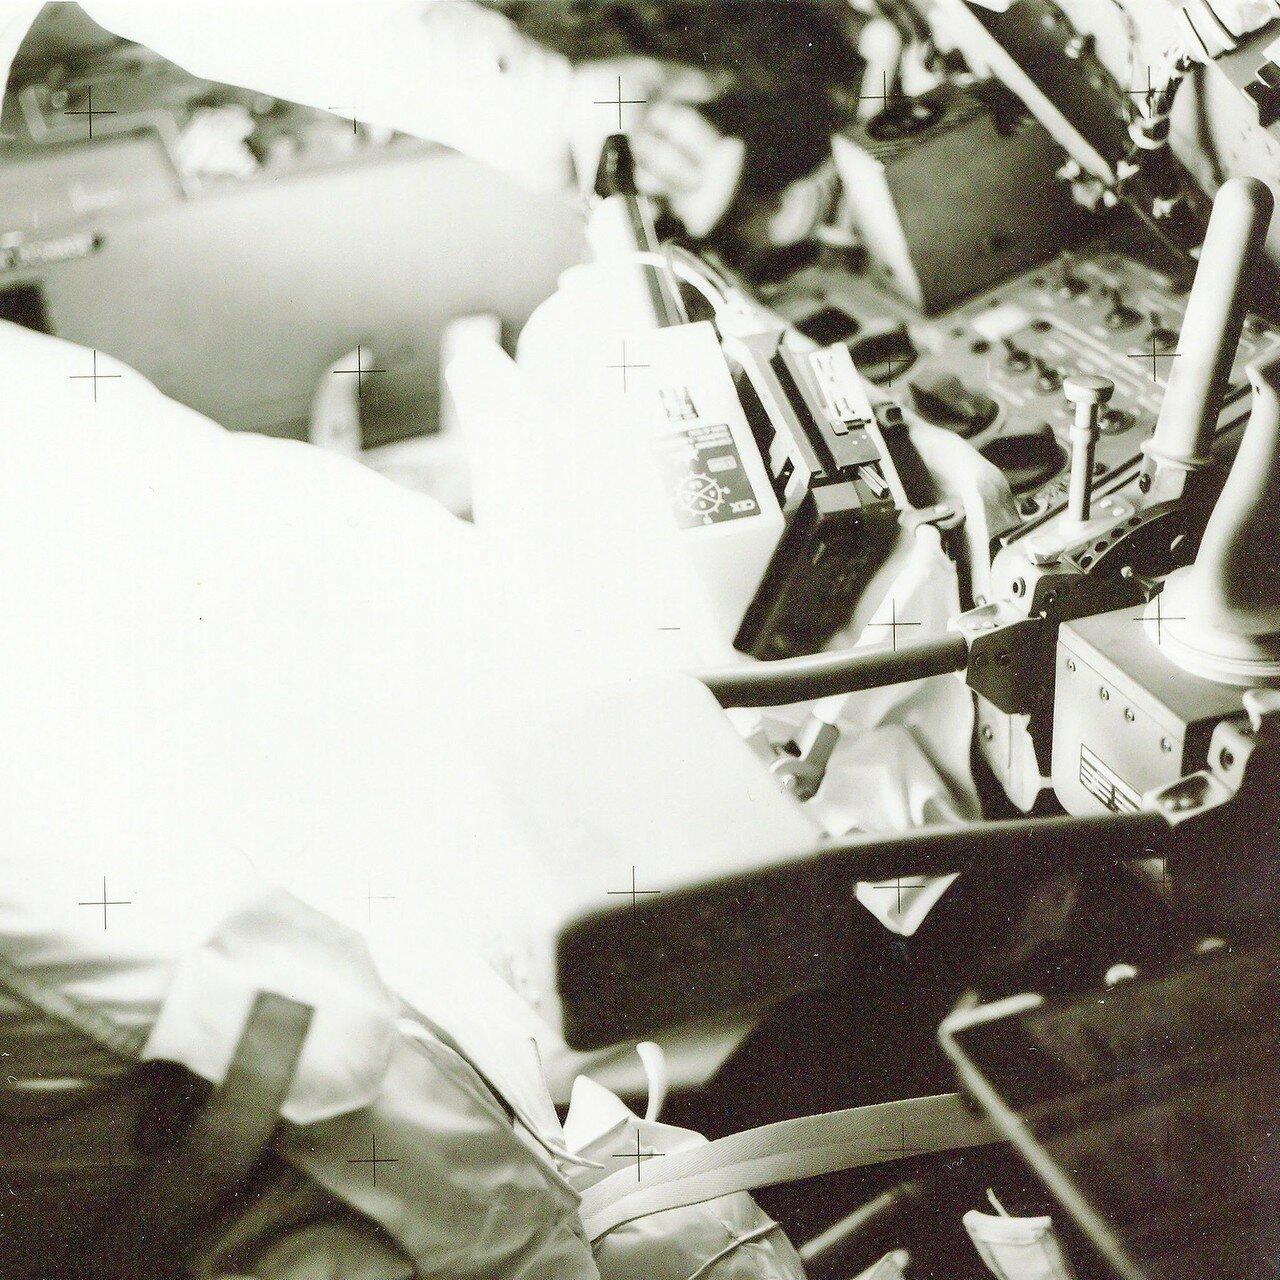 Следующей операцией было отделение от отсека экипажа лунной кабины. Эта процедура также была нештатной. На снимке: Астронавты внутри Лунного Модуля перед окончательным переходом в командный модуль